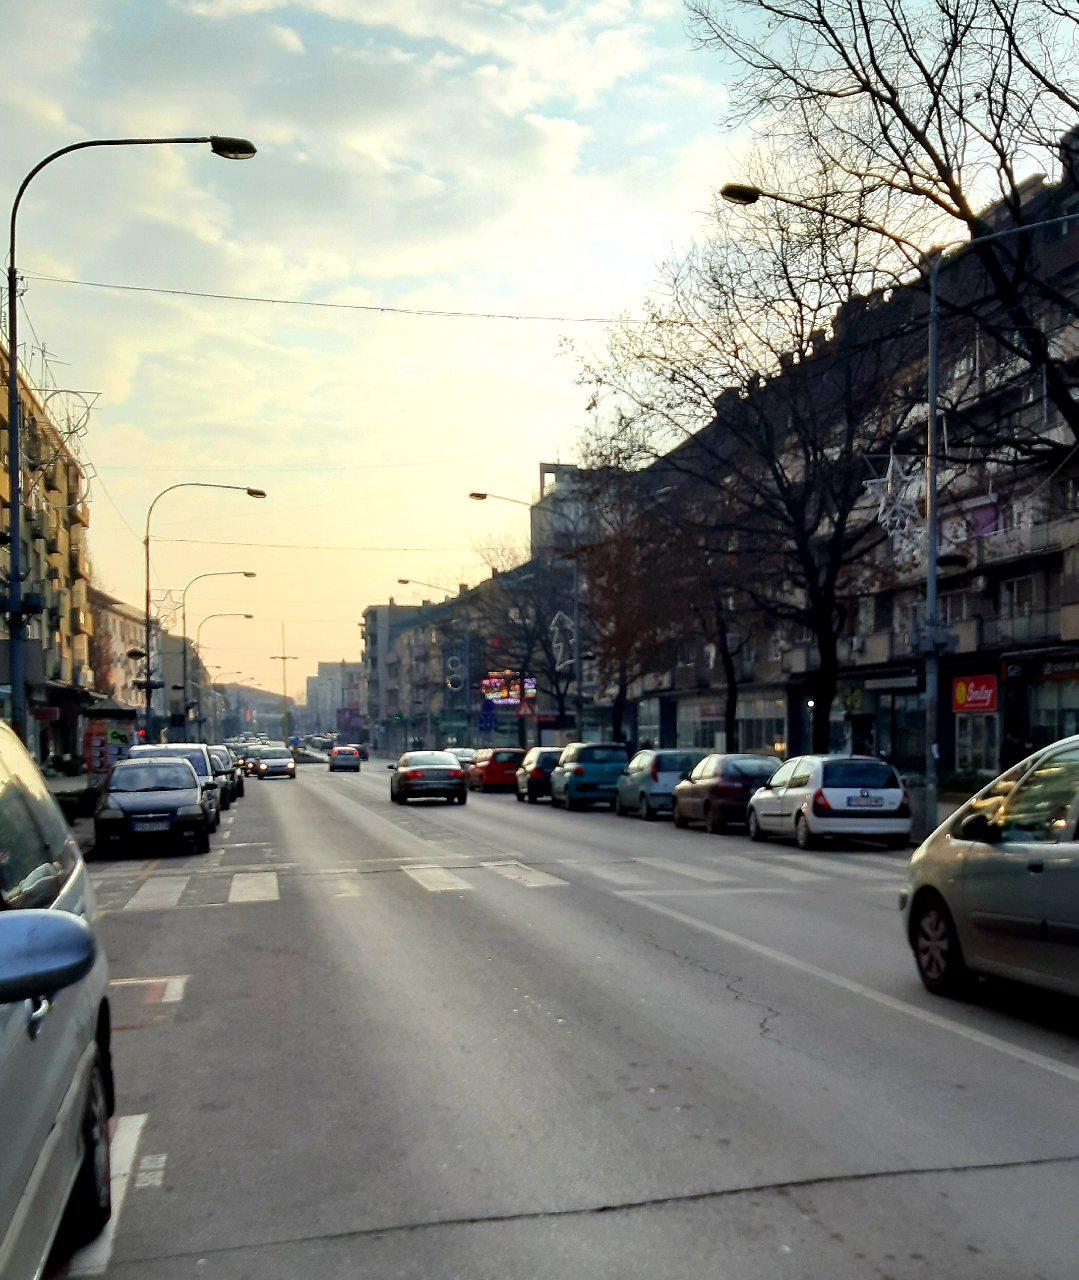 Grad pust, ali čist, kao da nije bilo više hiljada ljudi na koncertu FOTO 27664